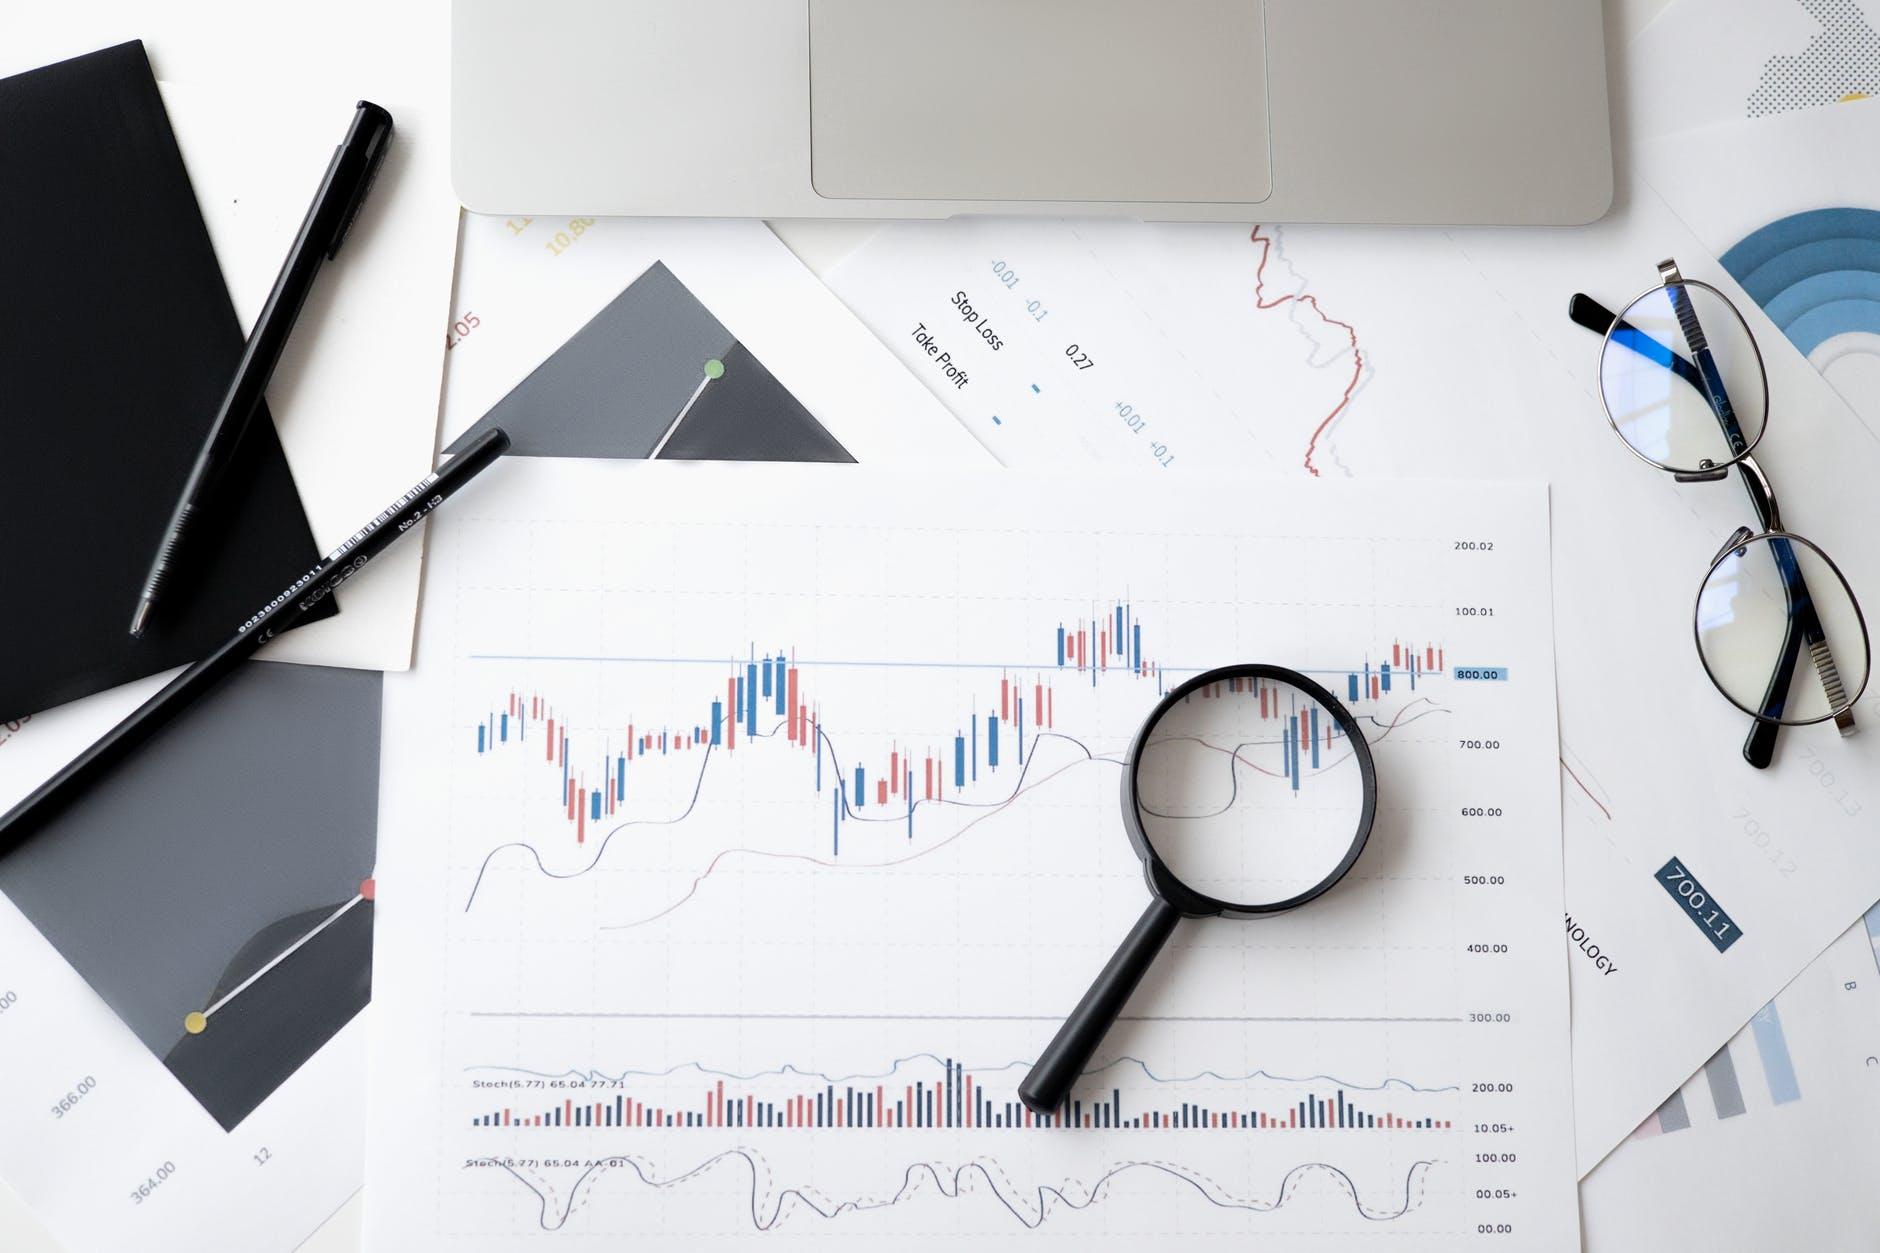 Cemtrex CETX Stock News